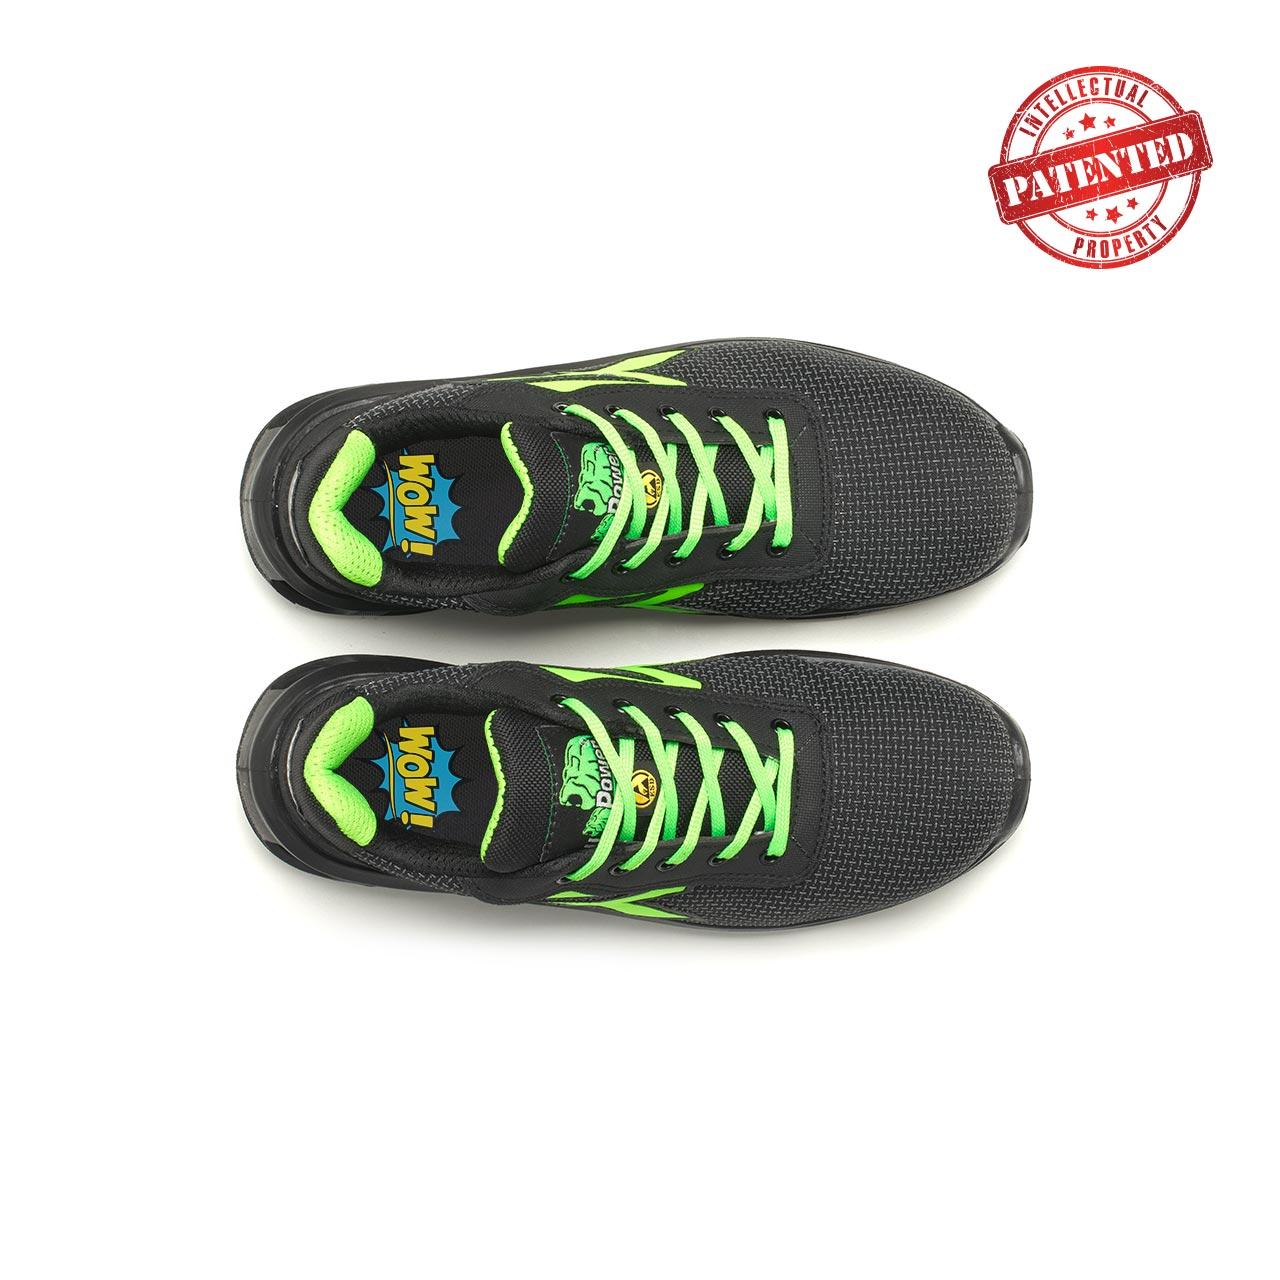 paio di scarpe antinfortunistiche upower modello strong linea redlion vista top